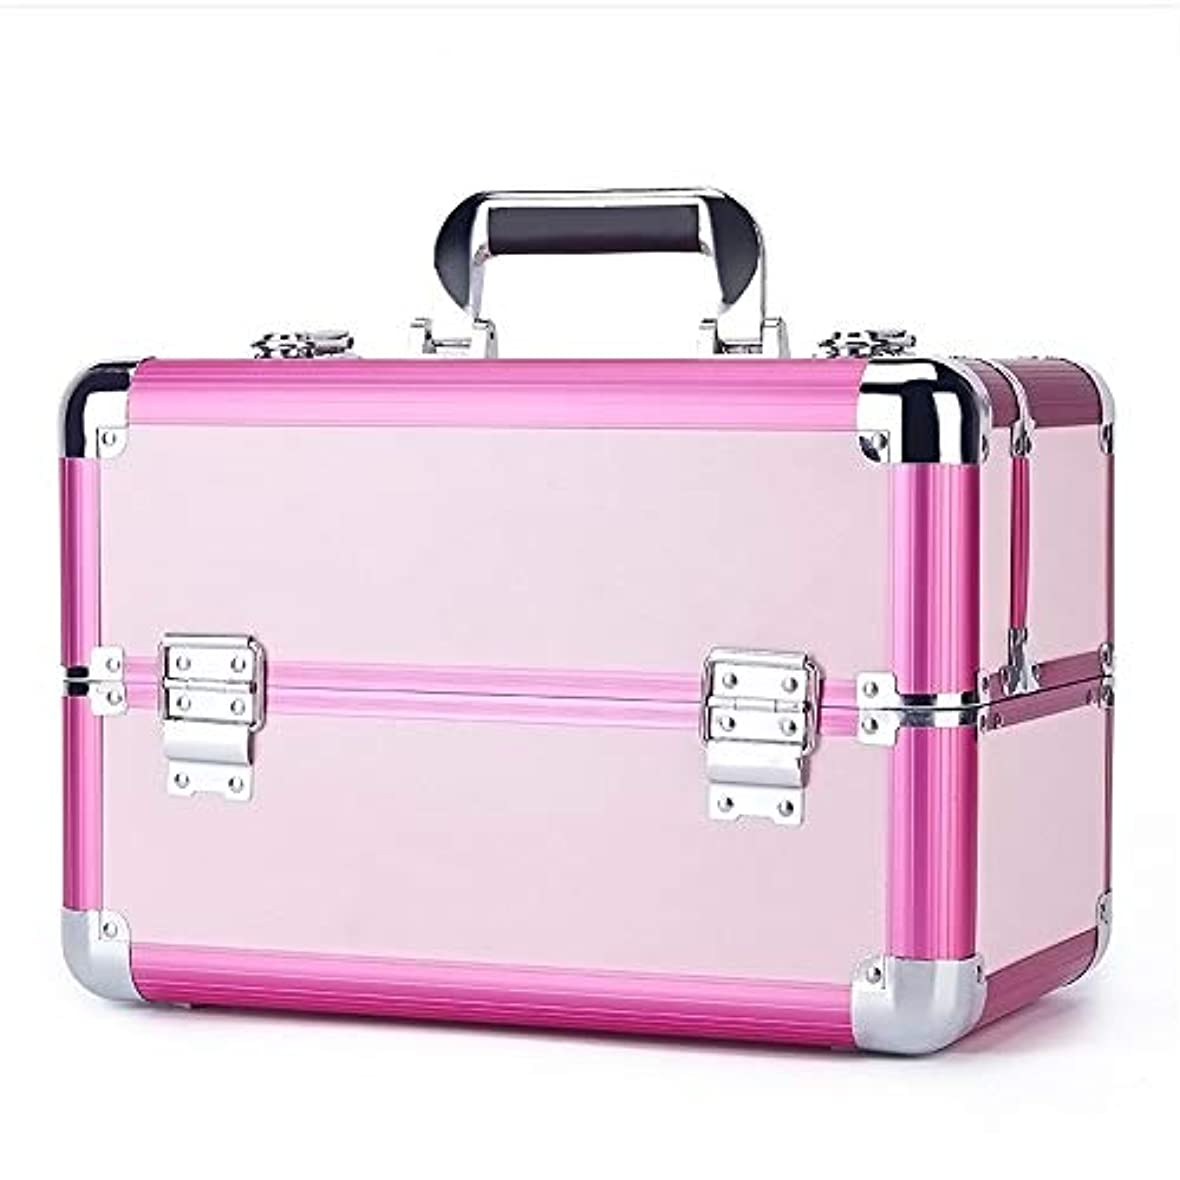 パンチアンプバイソン化粧オーガナイザーバッグ 旅行メイクアップバッグパターンメイクアップアーティストケーストレインボックス化粧品オーガナイザー収納用十代の女の子女性アーティスト 化粧品ケース (色 : ピンク)